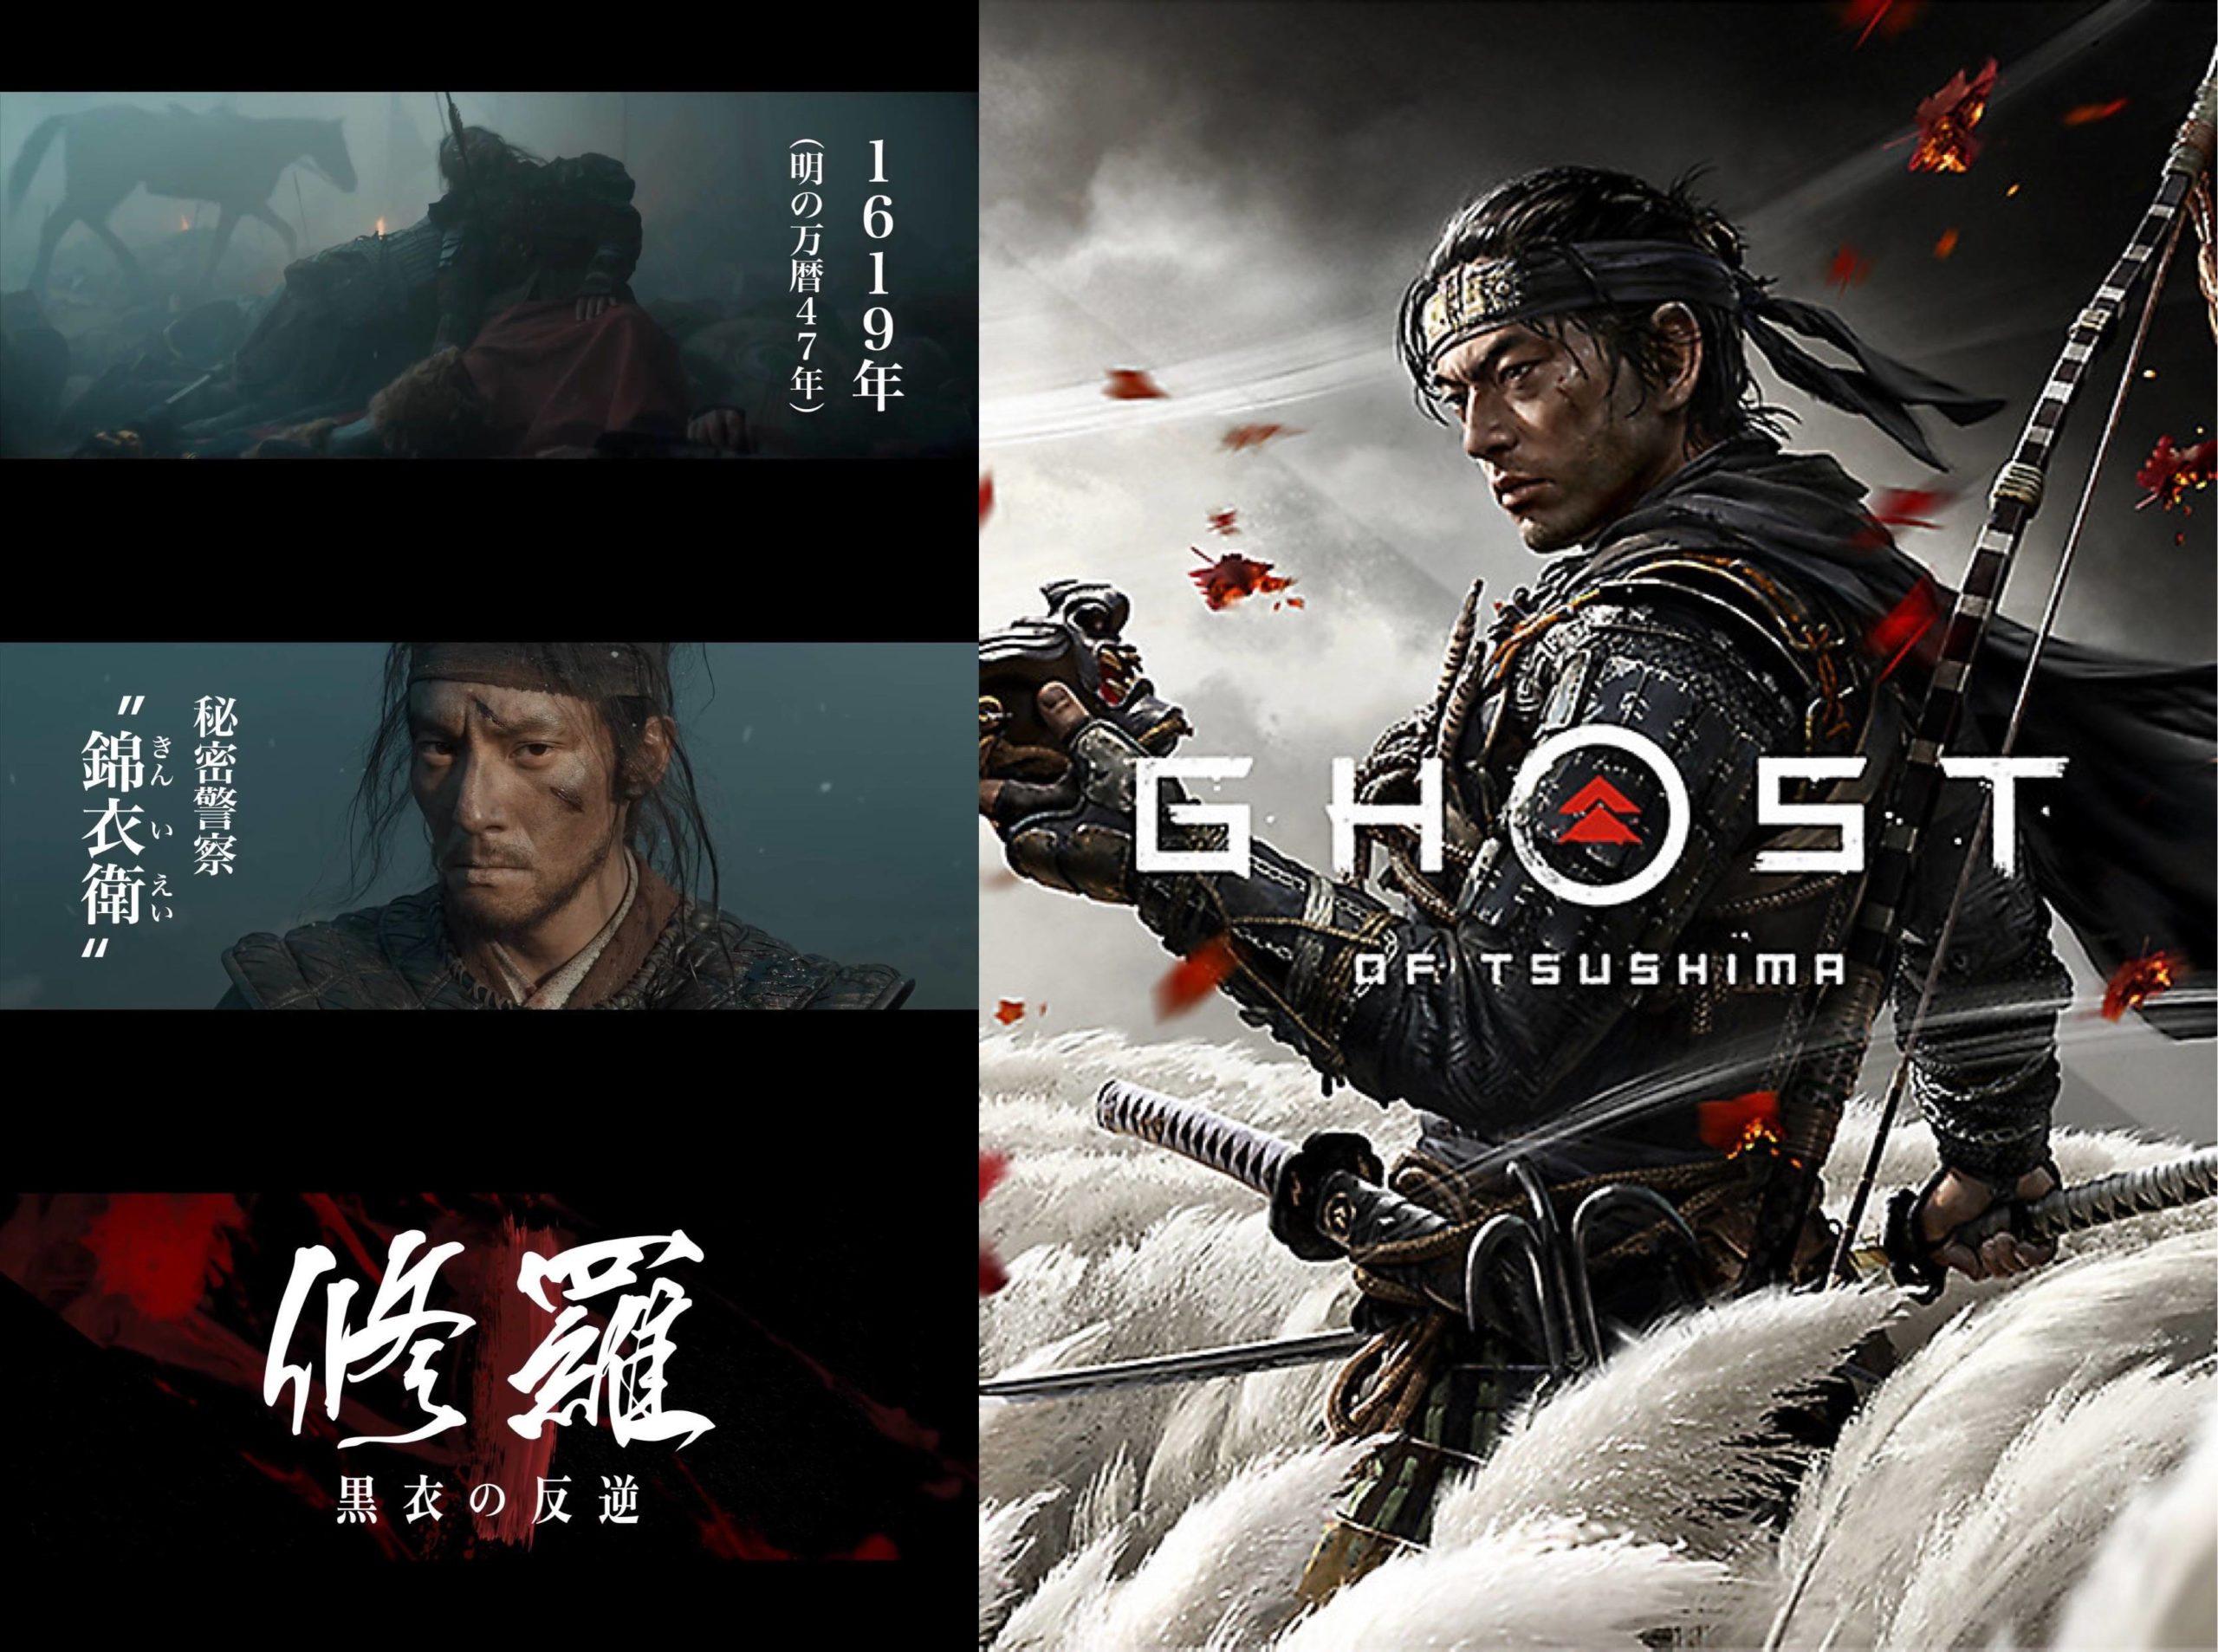 ゴーストオブツシマの起源は中国アル!開発者「時代劇映画へのオマージュ、黒澤監督にも影響を受けている。」